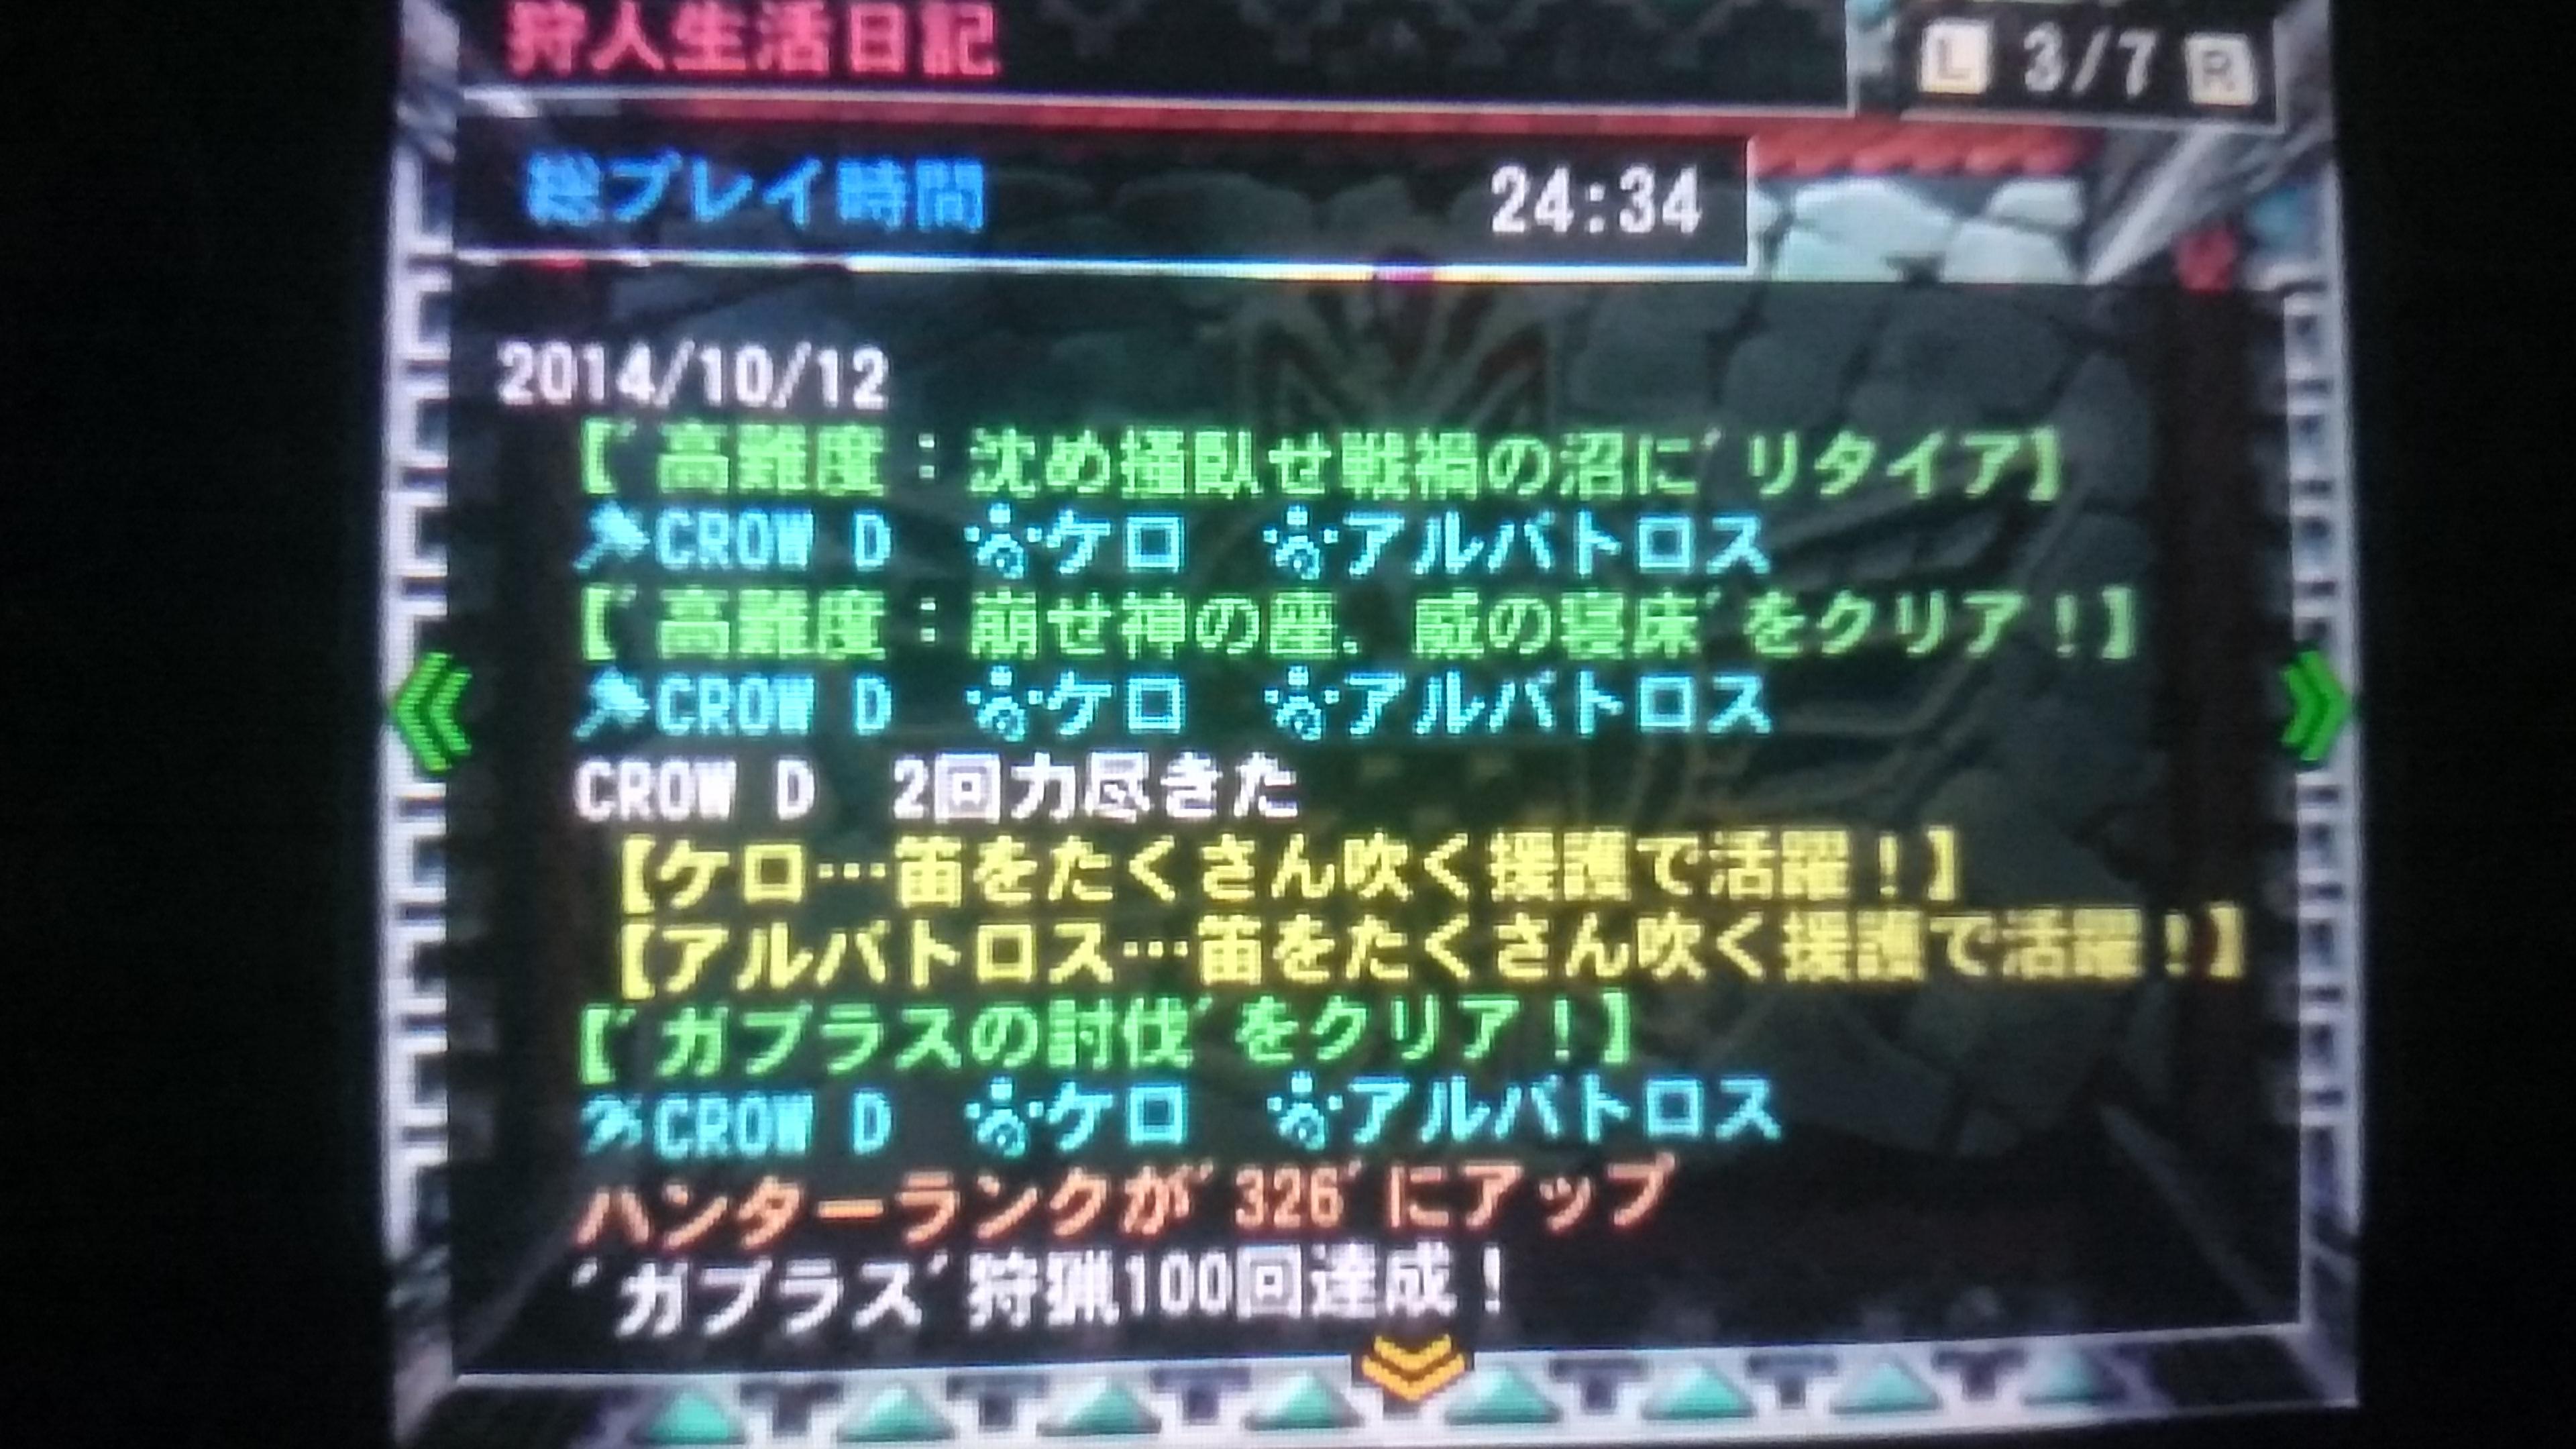 ダブル キークエ g3 モンハン クロス